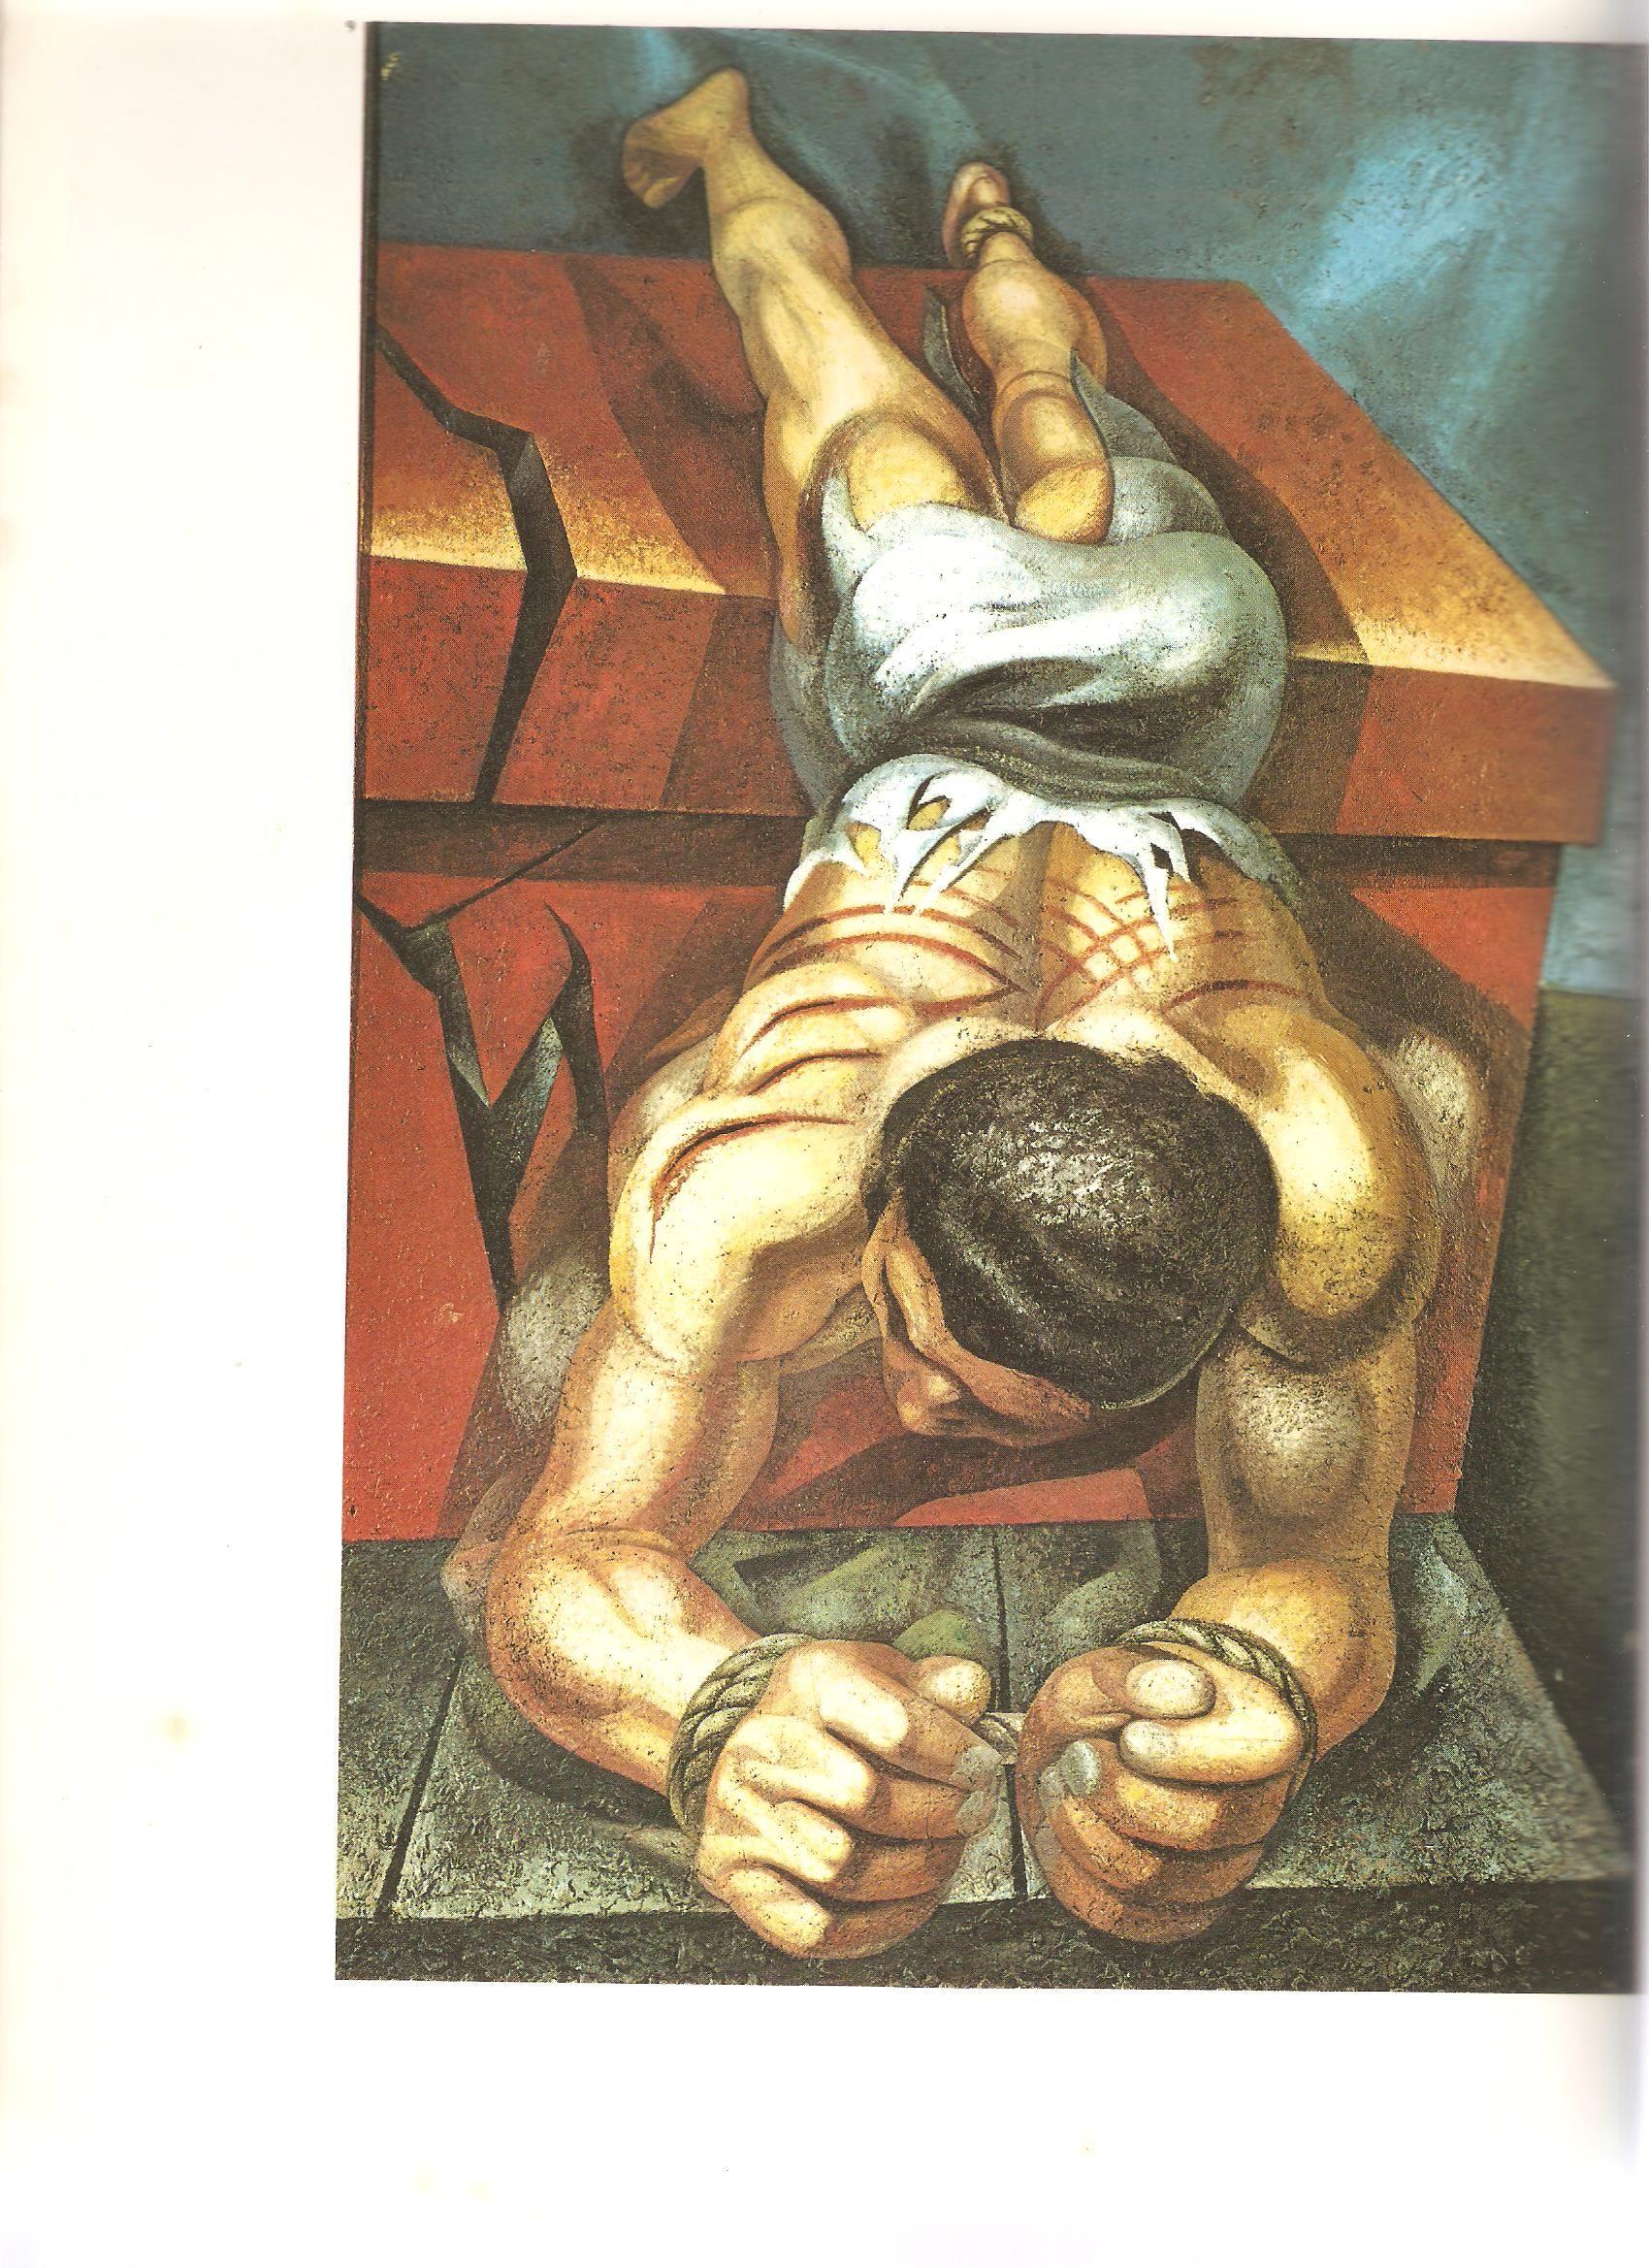 Obra de Siqueiros, Tríptico Nova Democracia Vitima do fascismo  Cidade do México Palacio de belas artes 1944